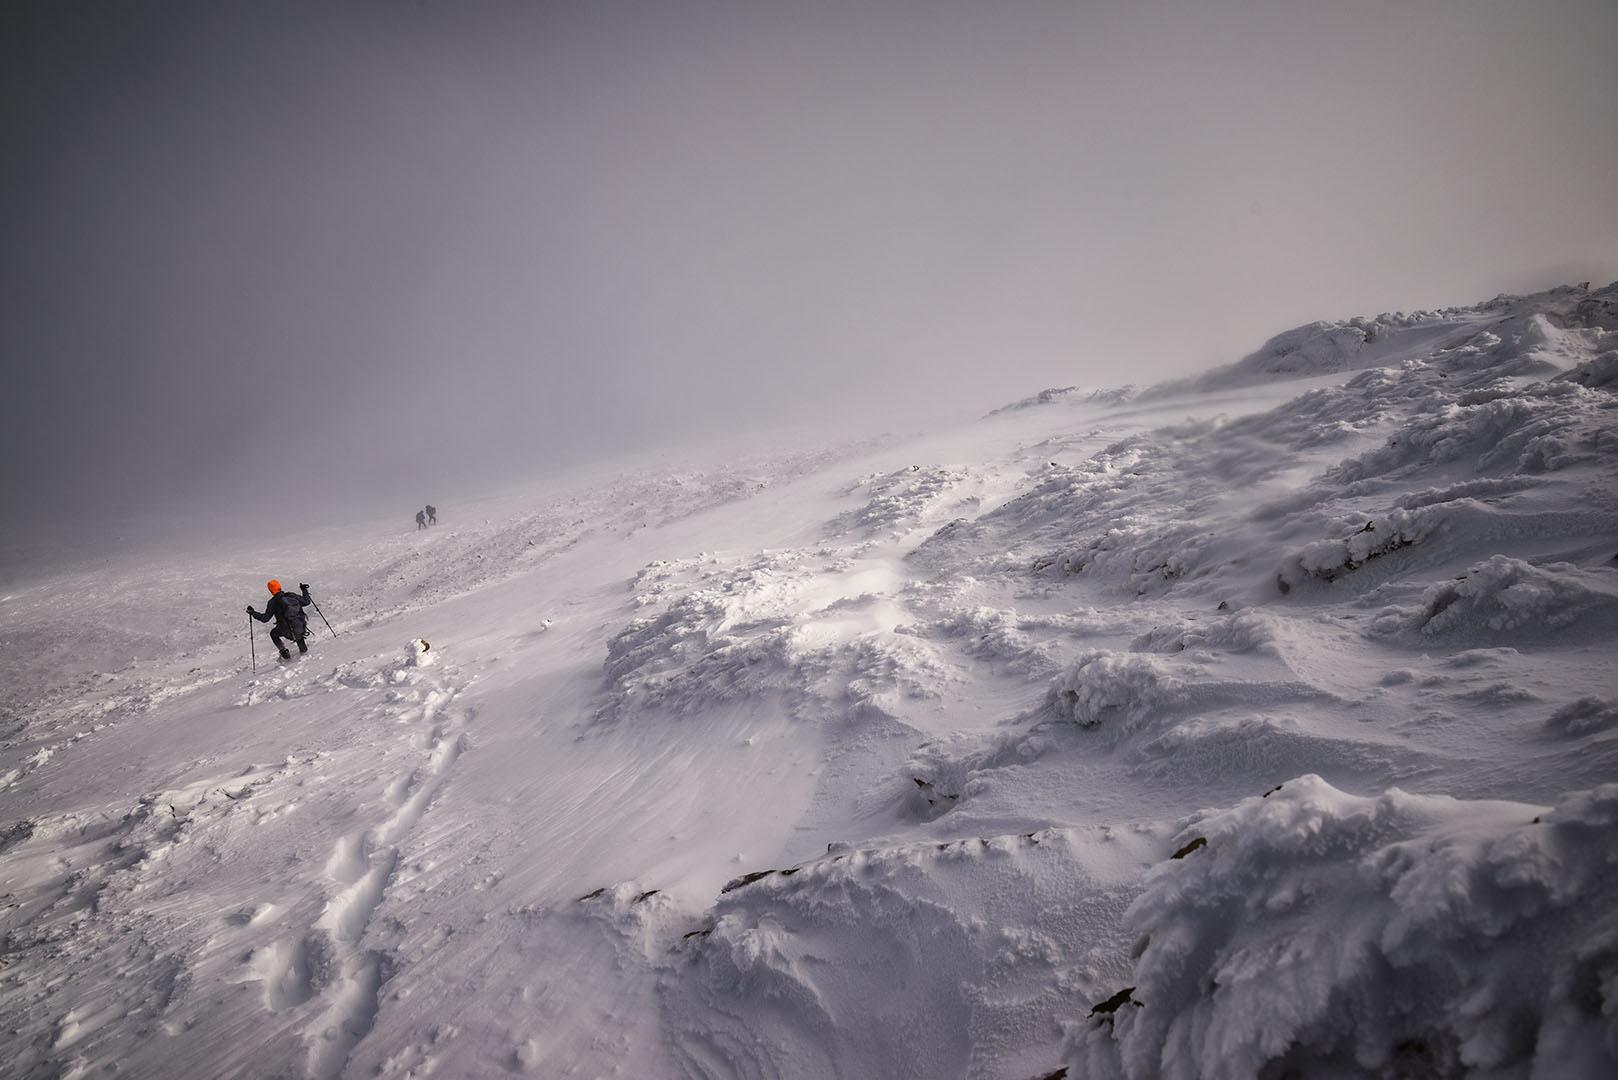 Descenso en Tendeñera - Archivo - Iñaki Larrea, Fotografía de naturaleza y montaña